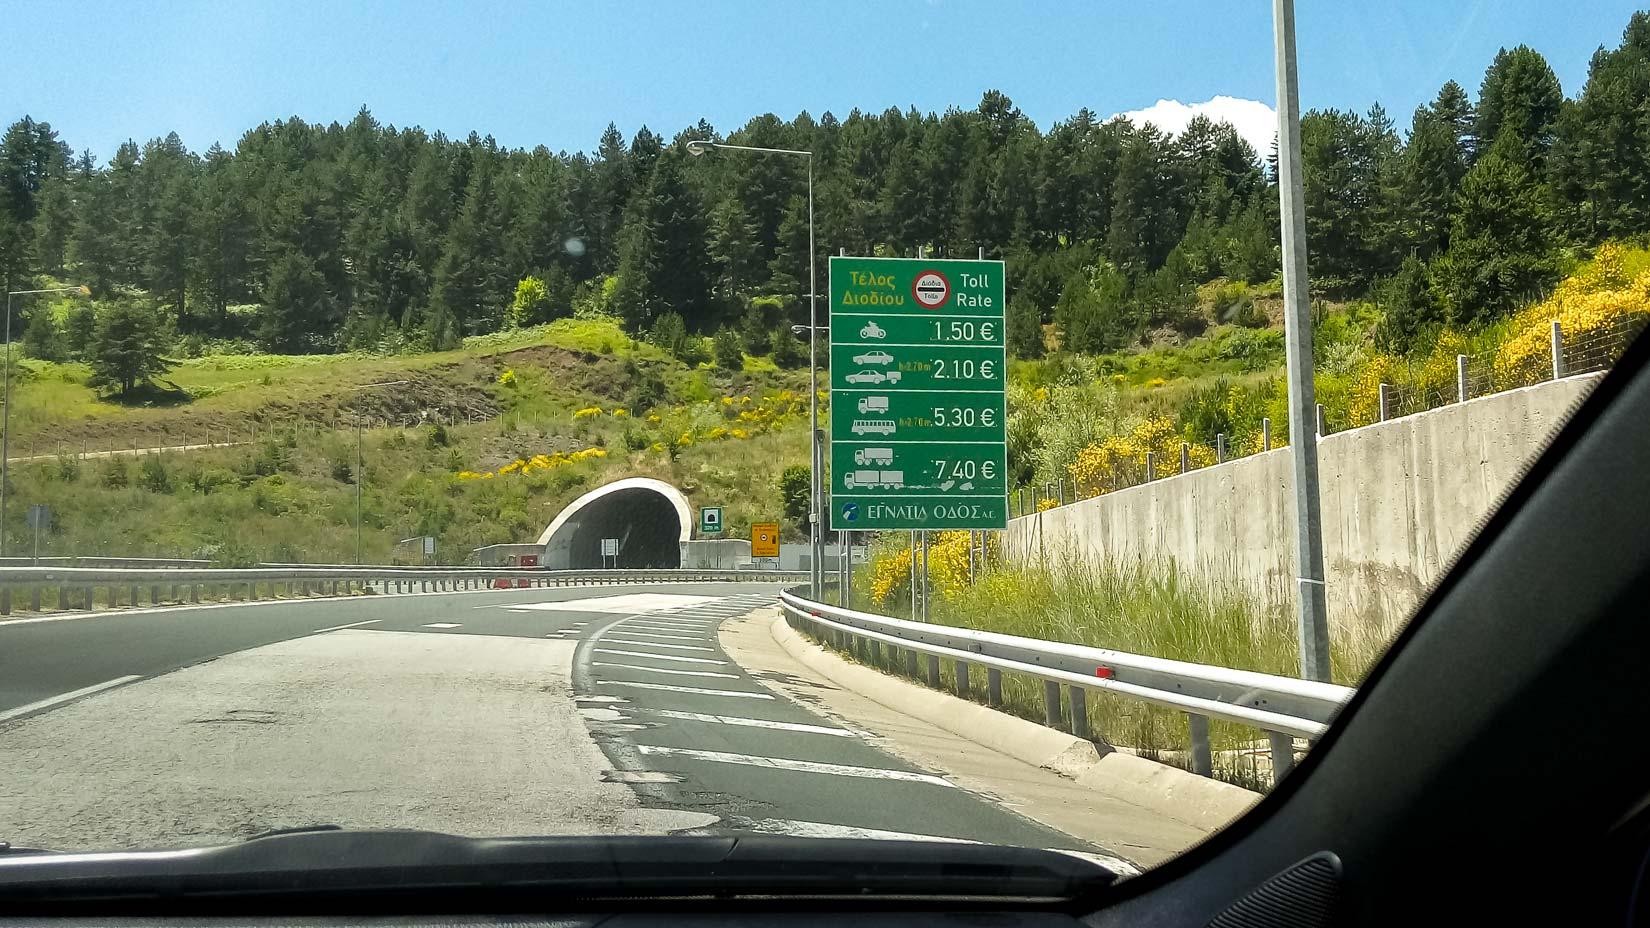 Typické panorama v západní části Egnatia Odos. Tunely, zalesněná pahorkatina a příslib mýtné brány. Alena už chystá drobné